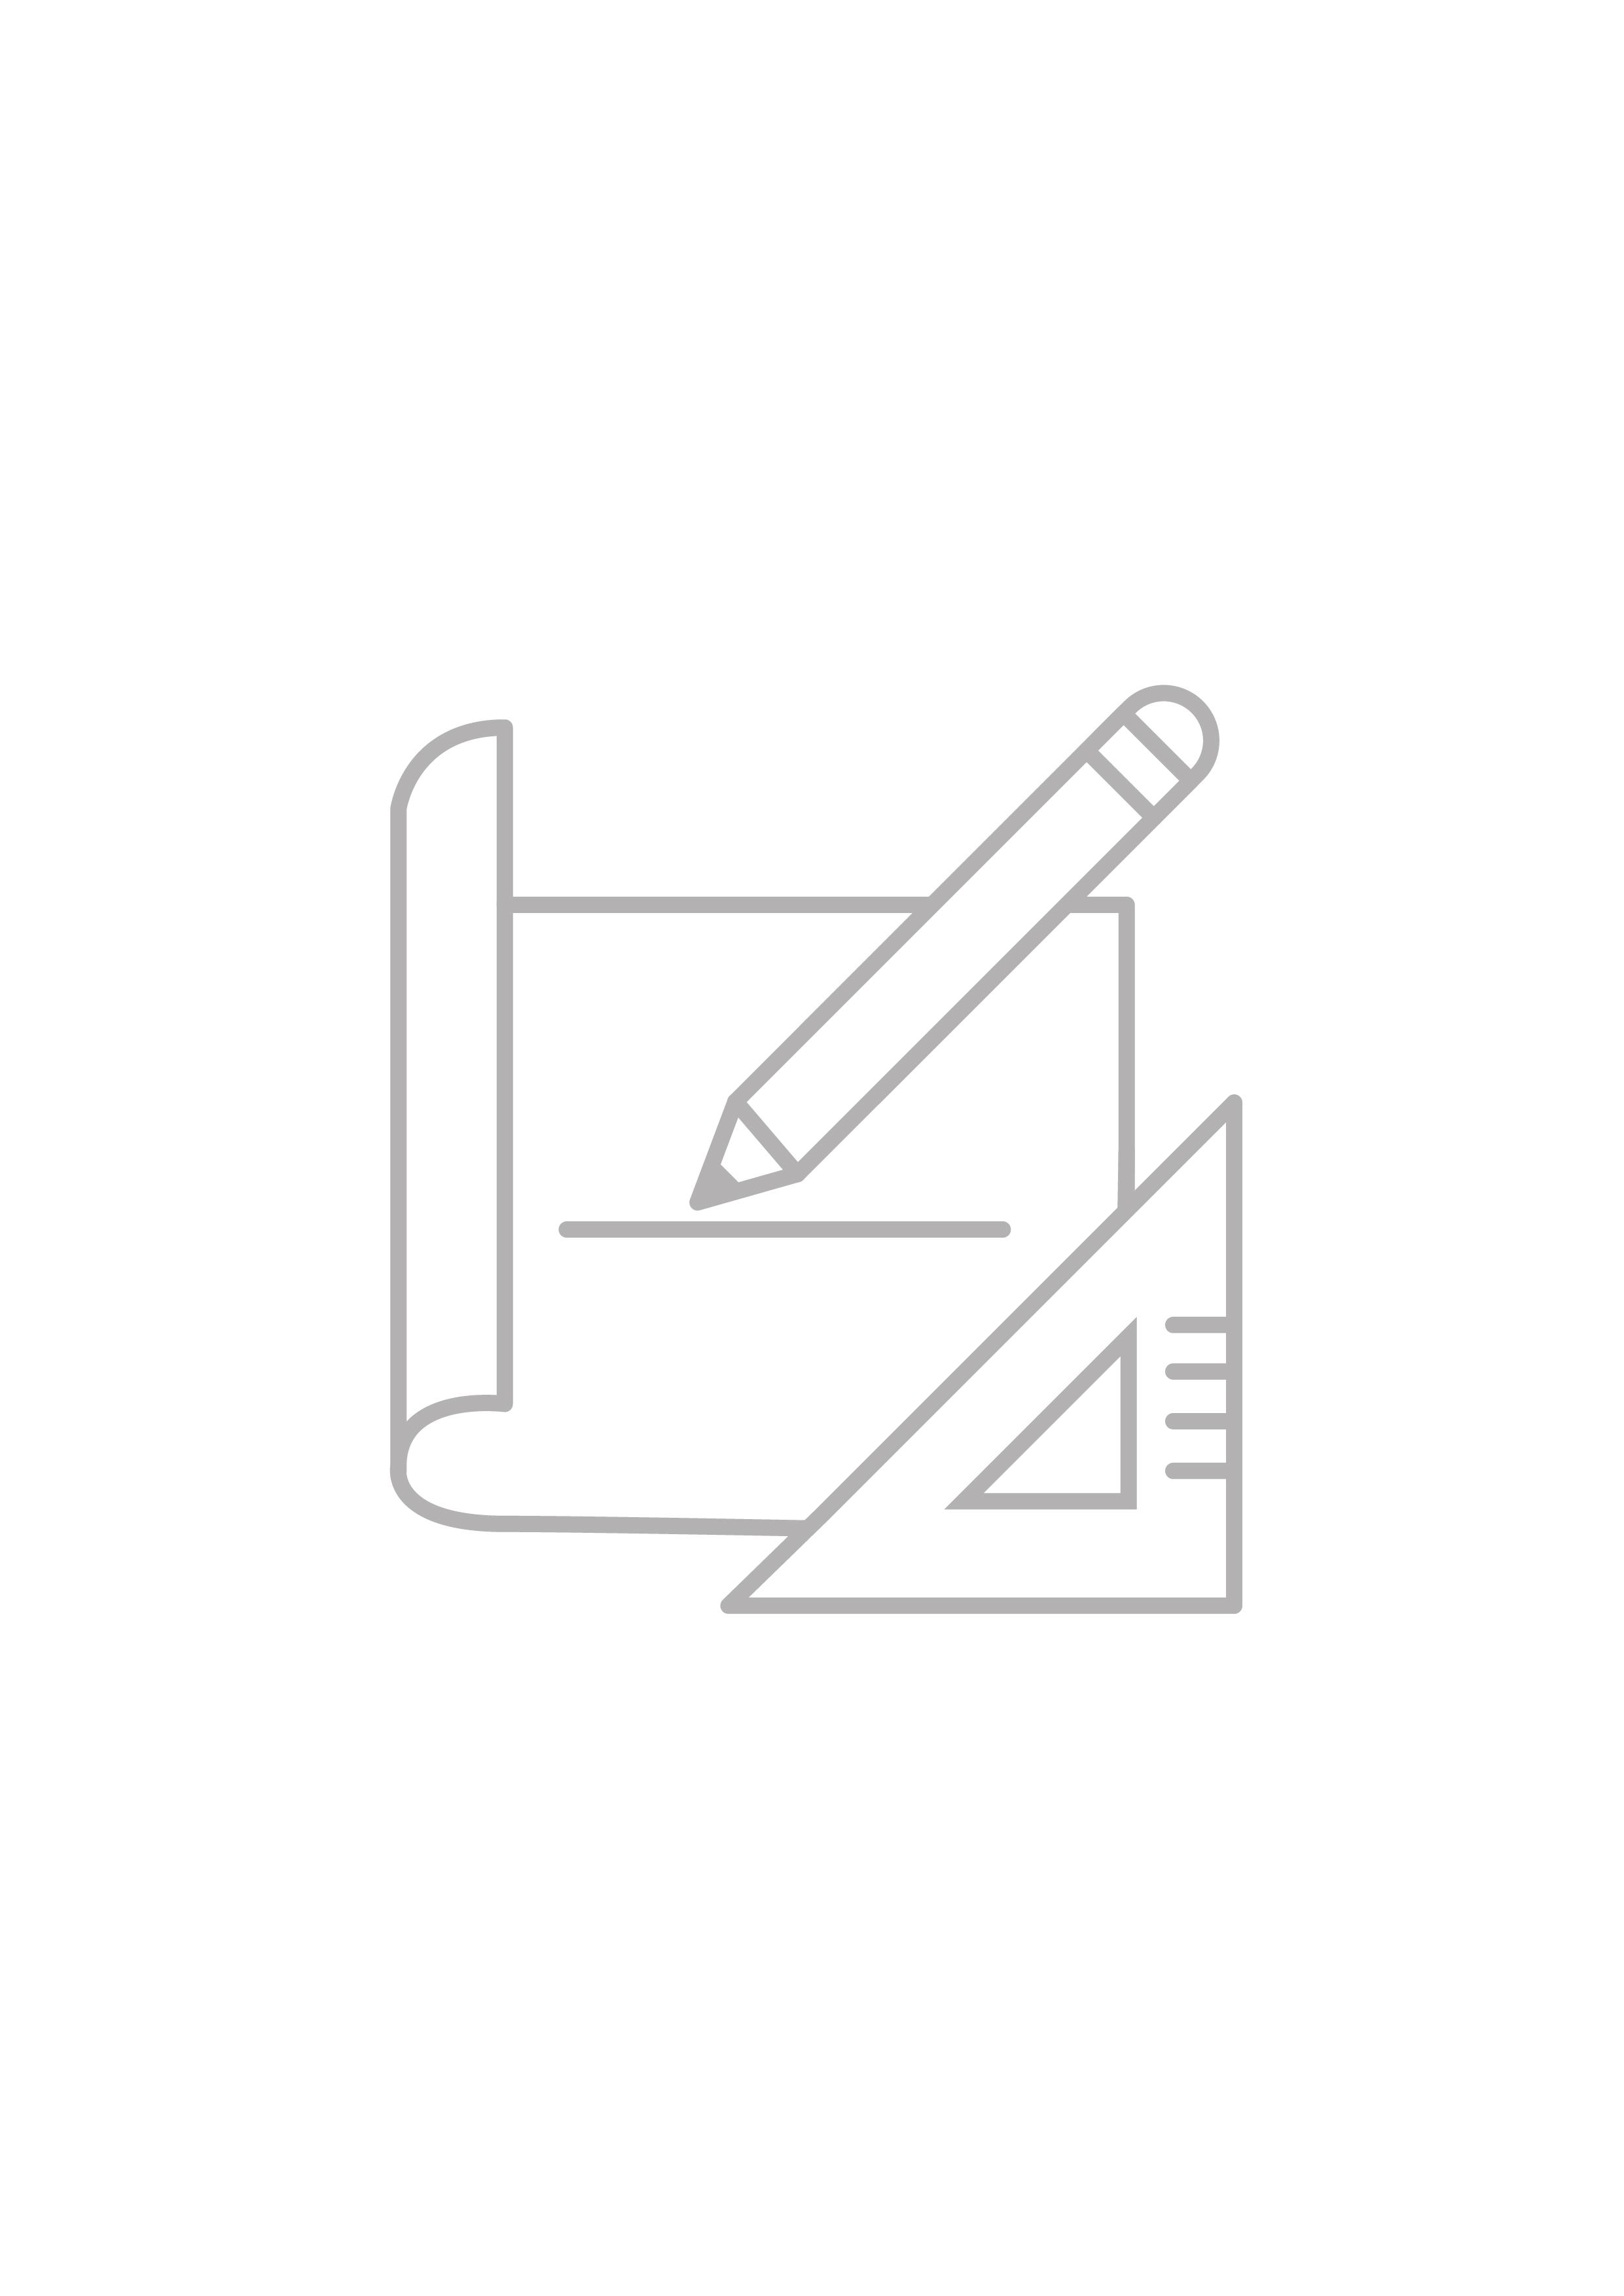 placeholder-01.jpg